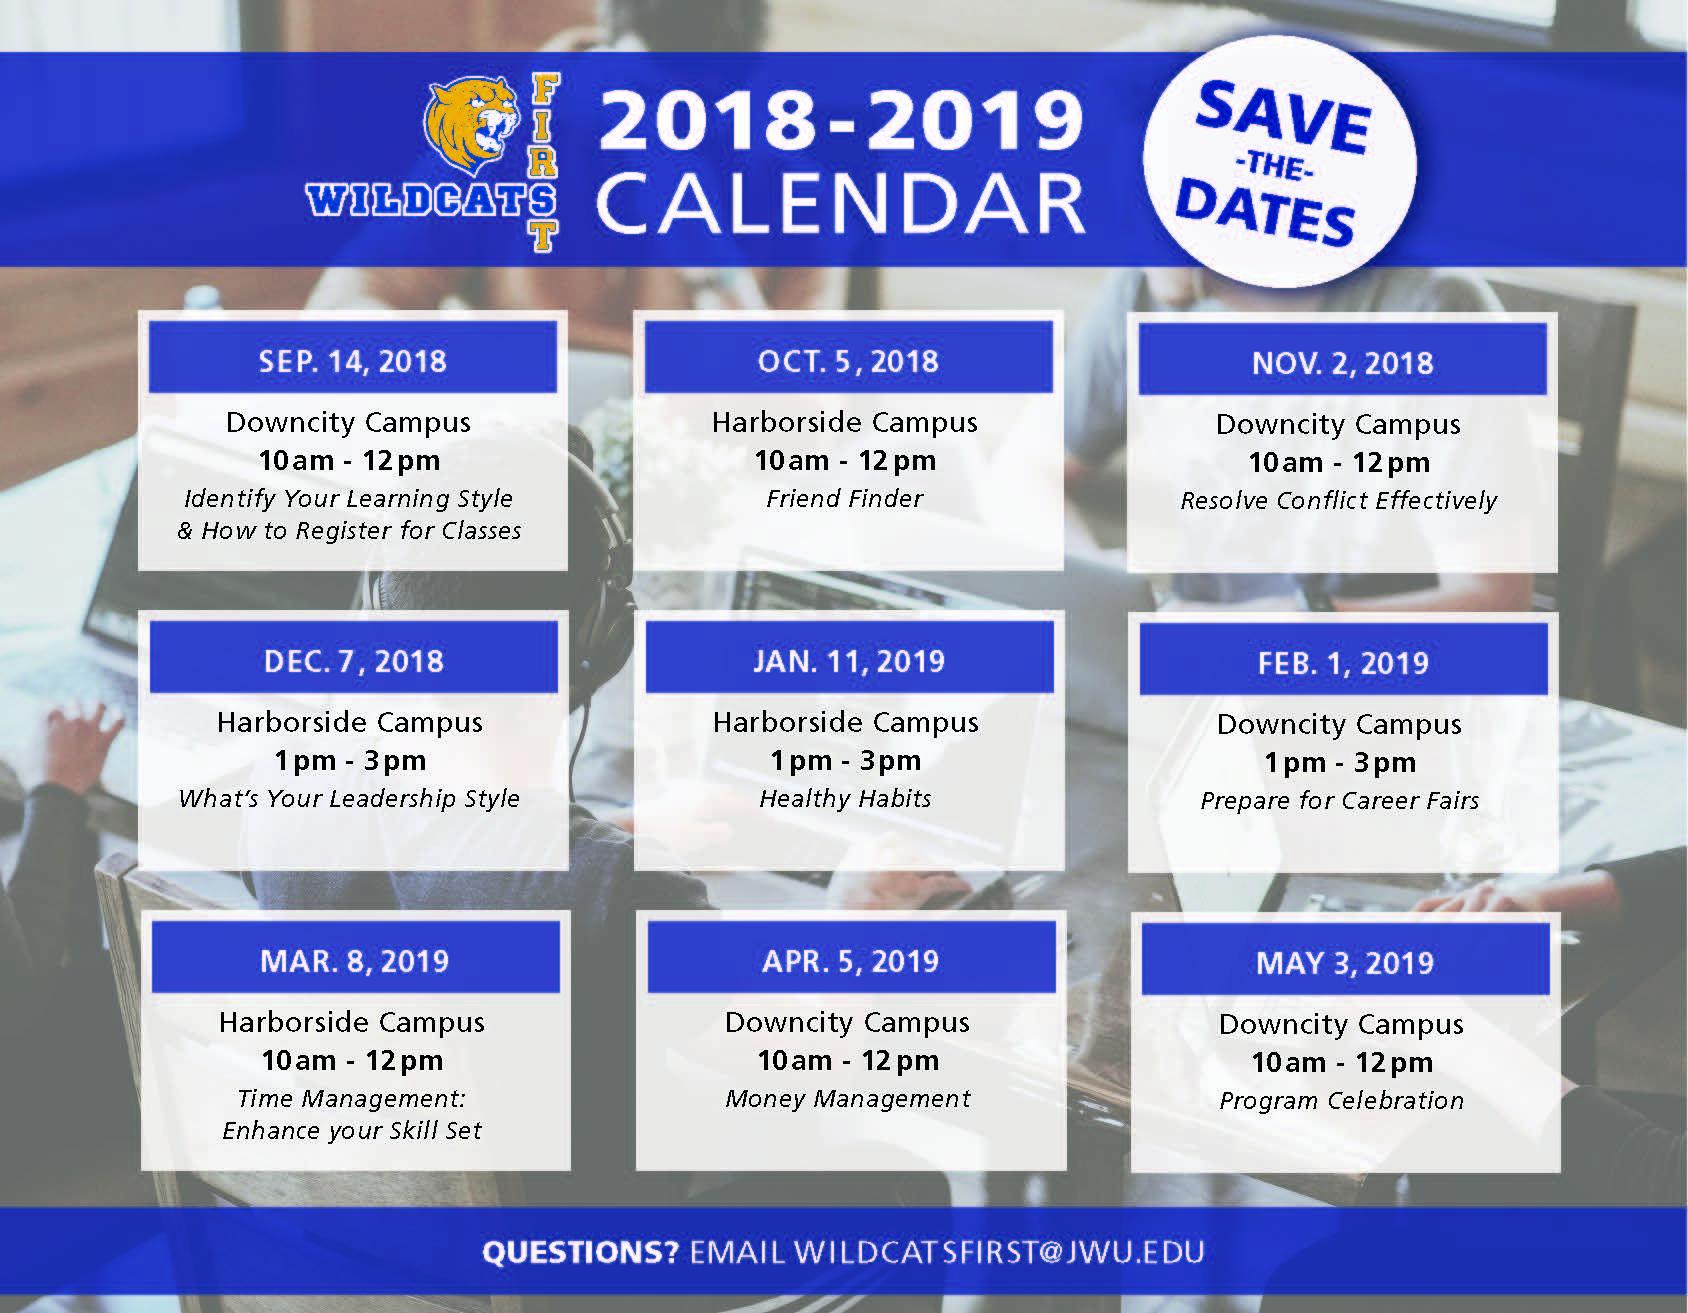 Wildcats First (18-19 Calendar).jpg